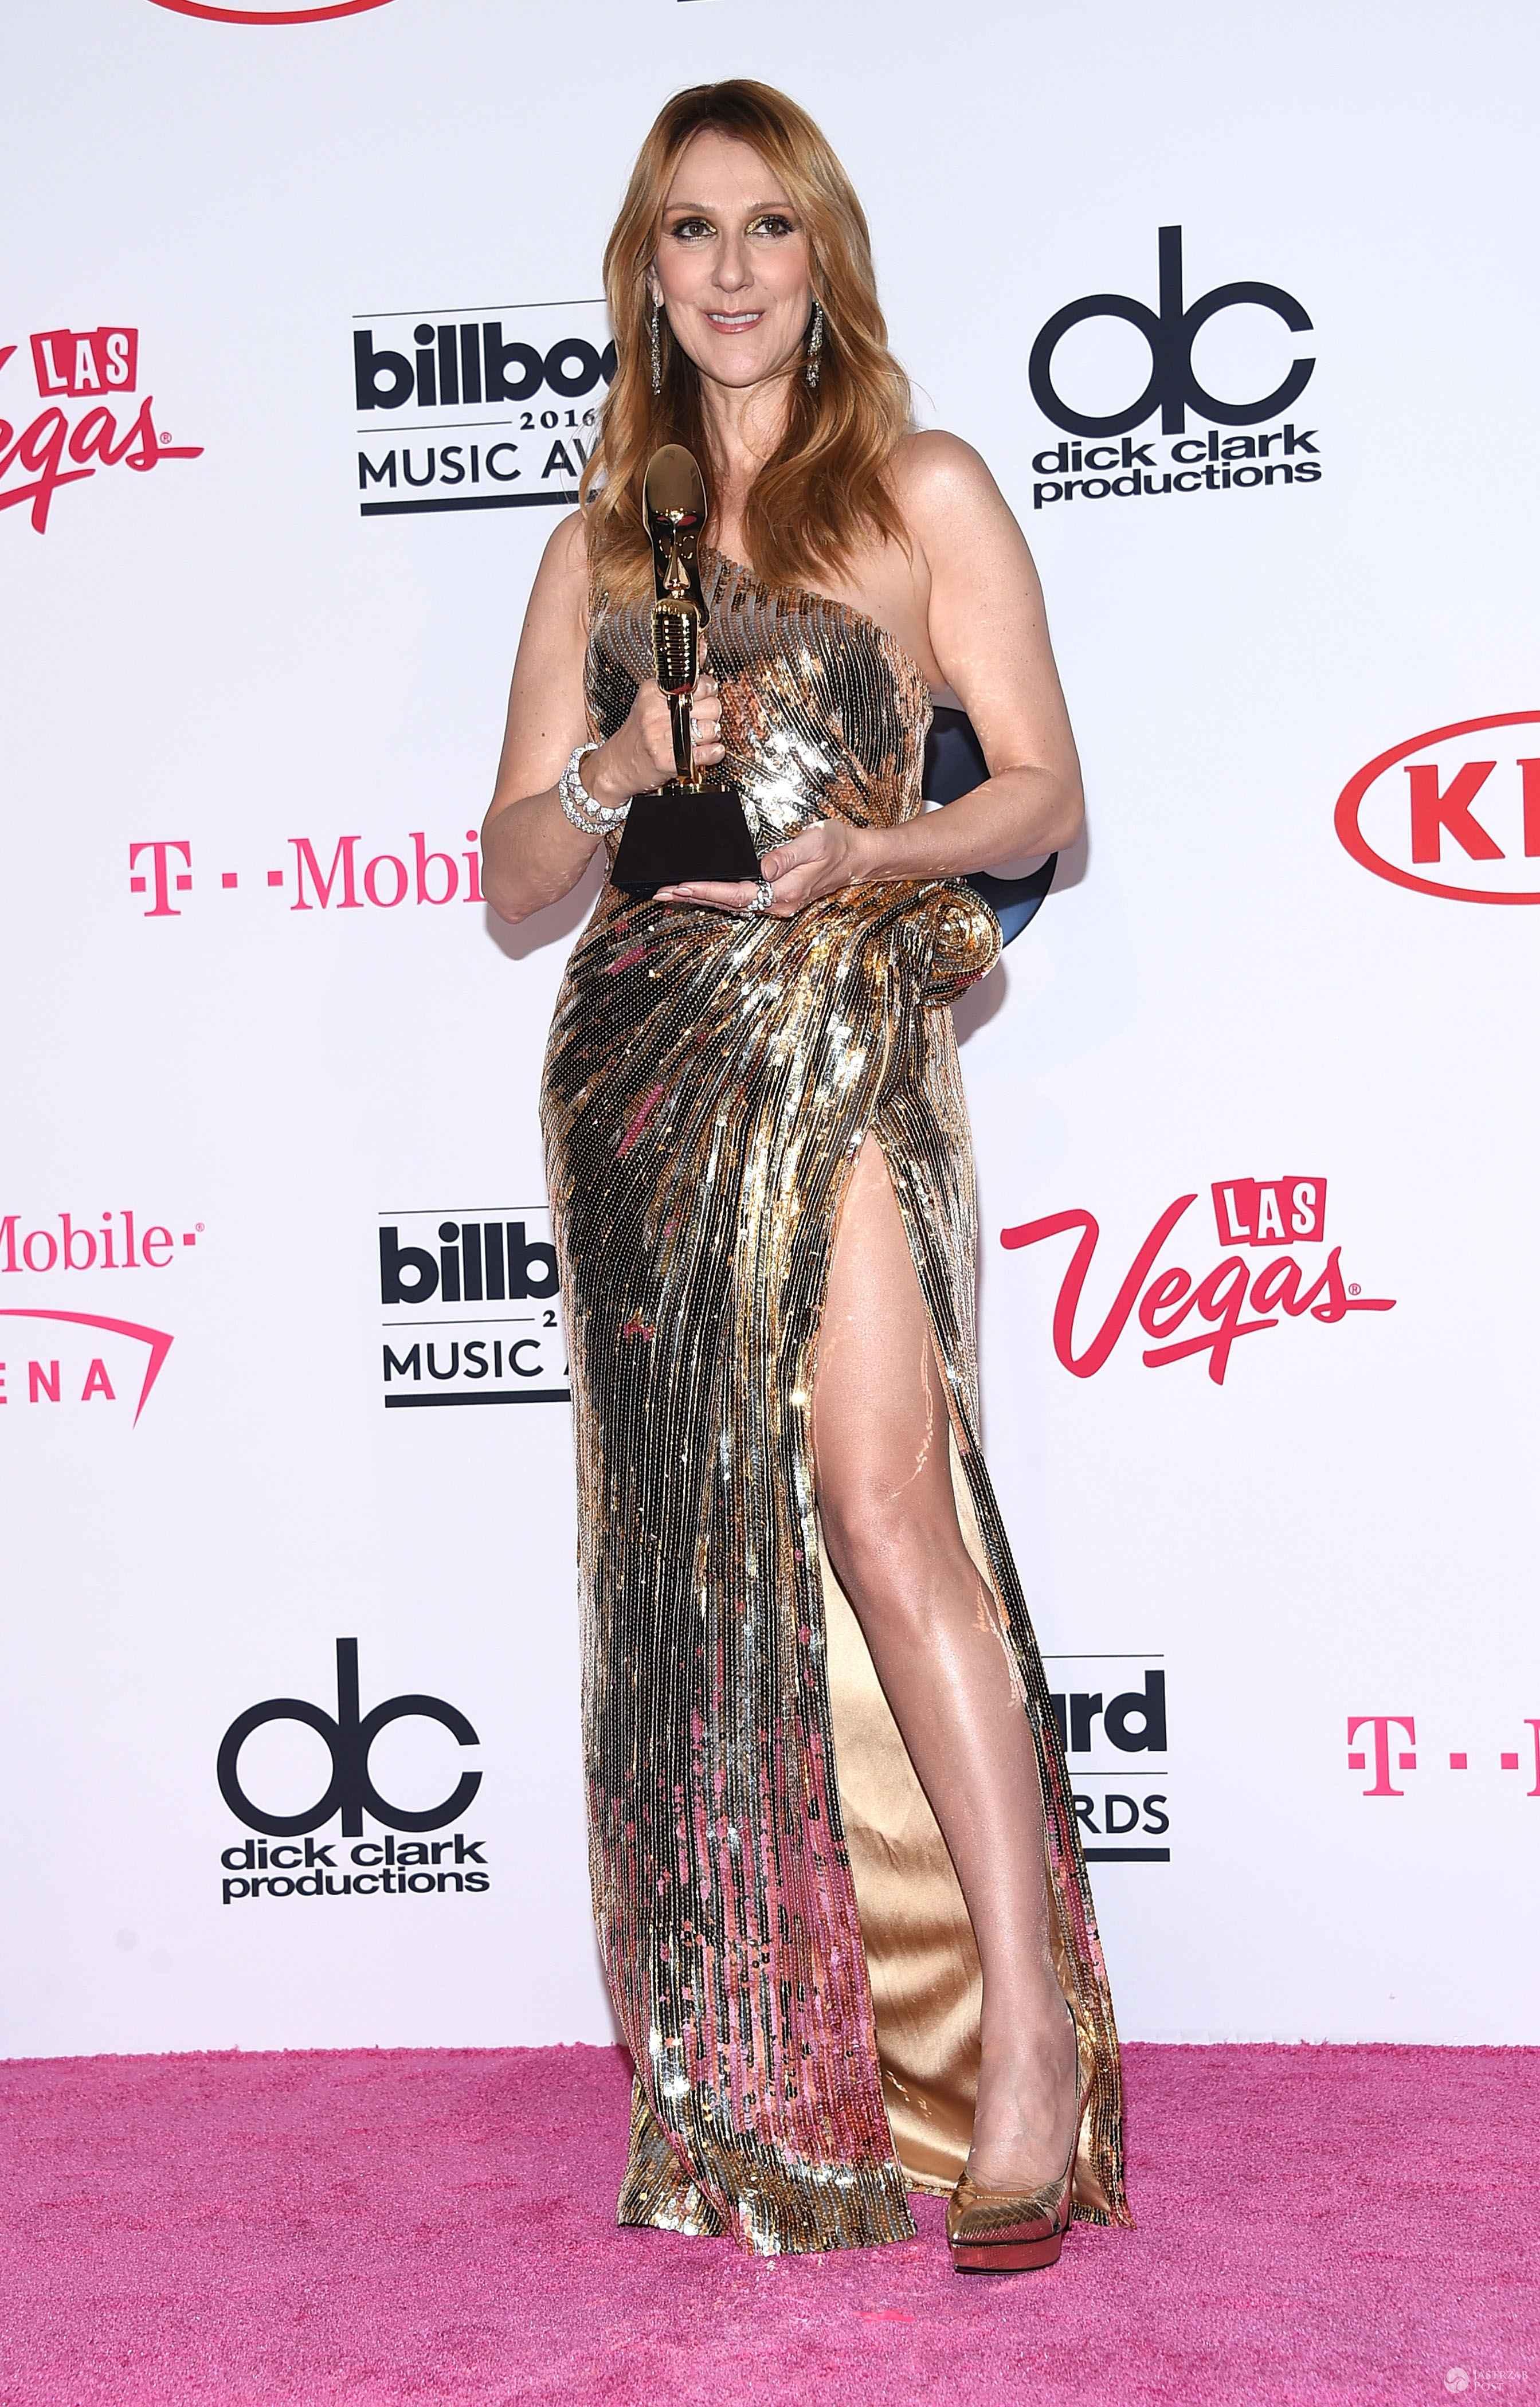 Celine Dion na Billboard Music Awards 2016